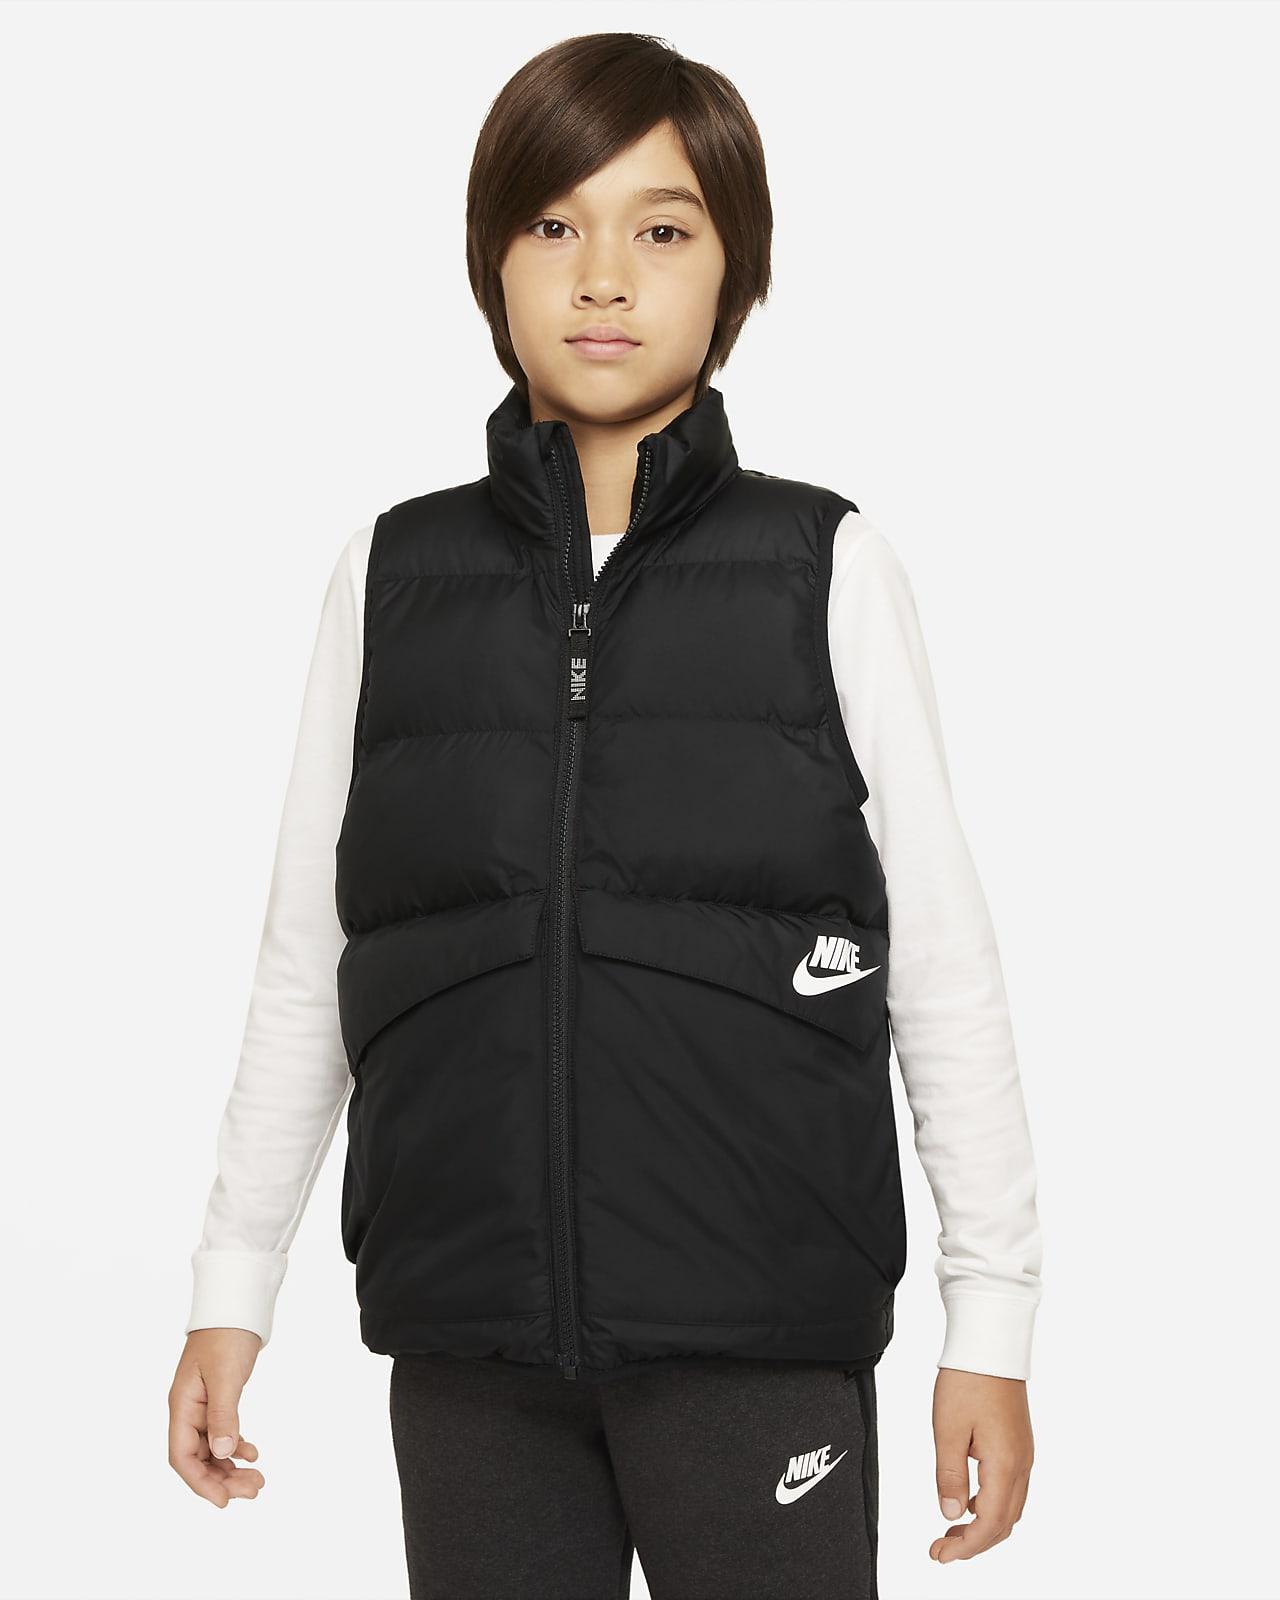 Αμάνικο τζάκετ με συνθετικό γέμισμα Nike Sportswear για μεγάλα παιδιά